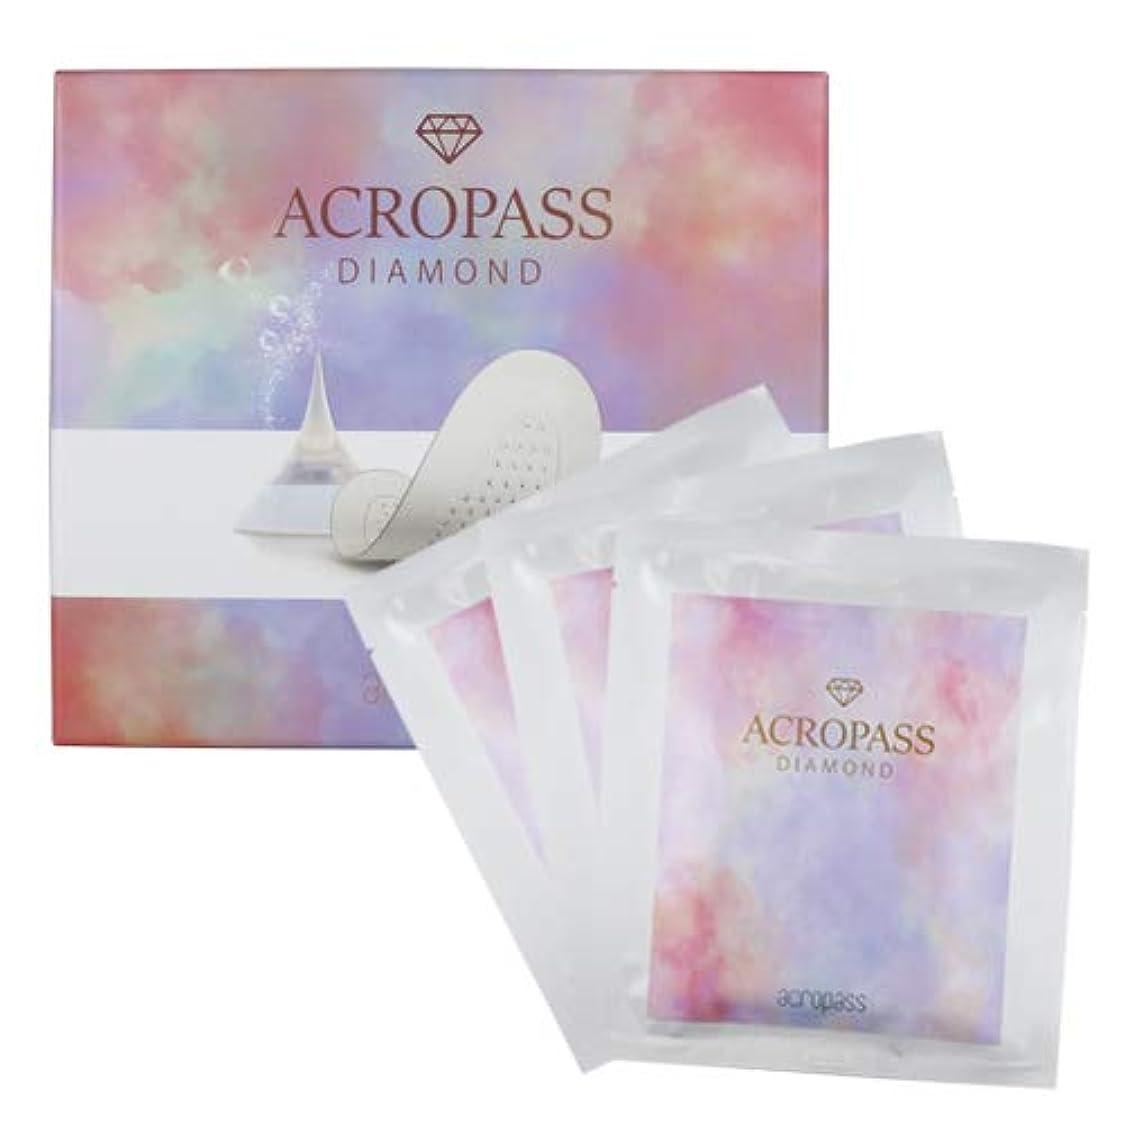 ラベル計算する入手しますacropass アクロパス ダイアモンド (ACROPASS DIAMOND) 6パッチ(3パウチ)入り